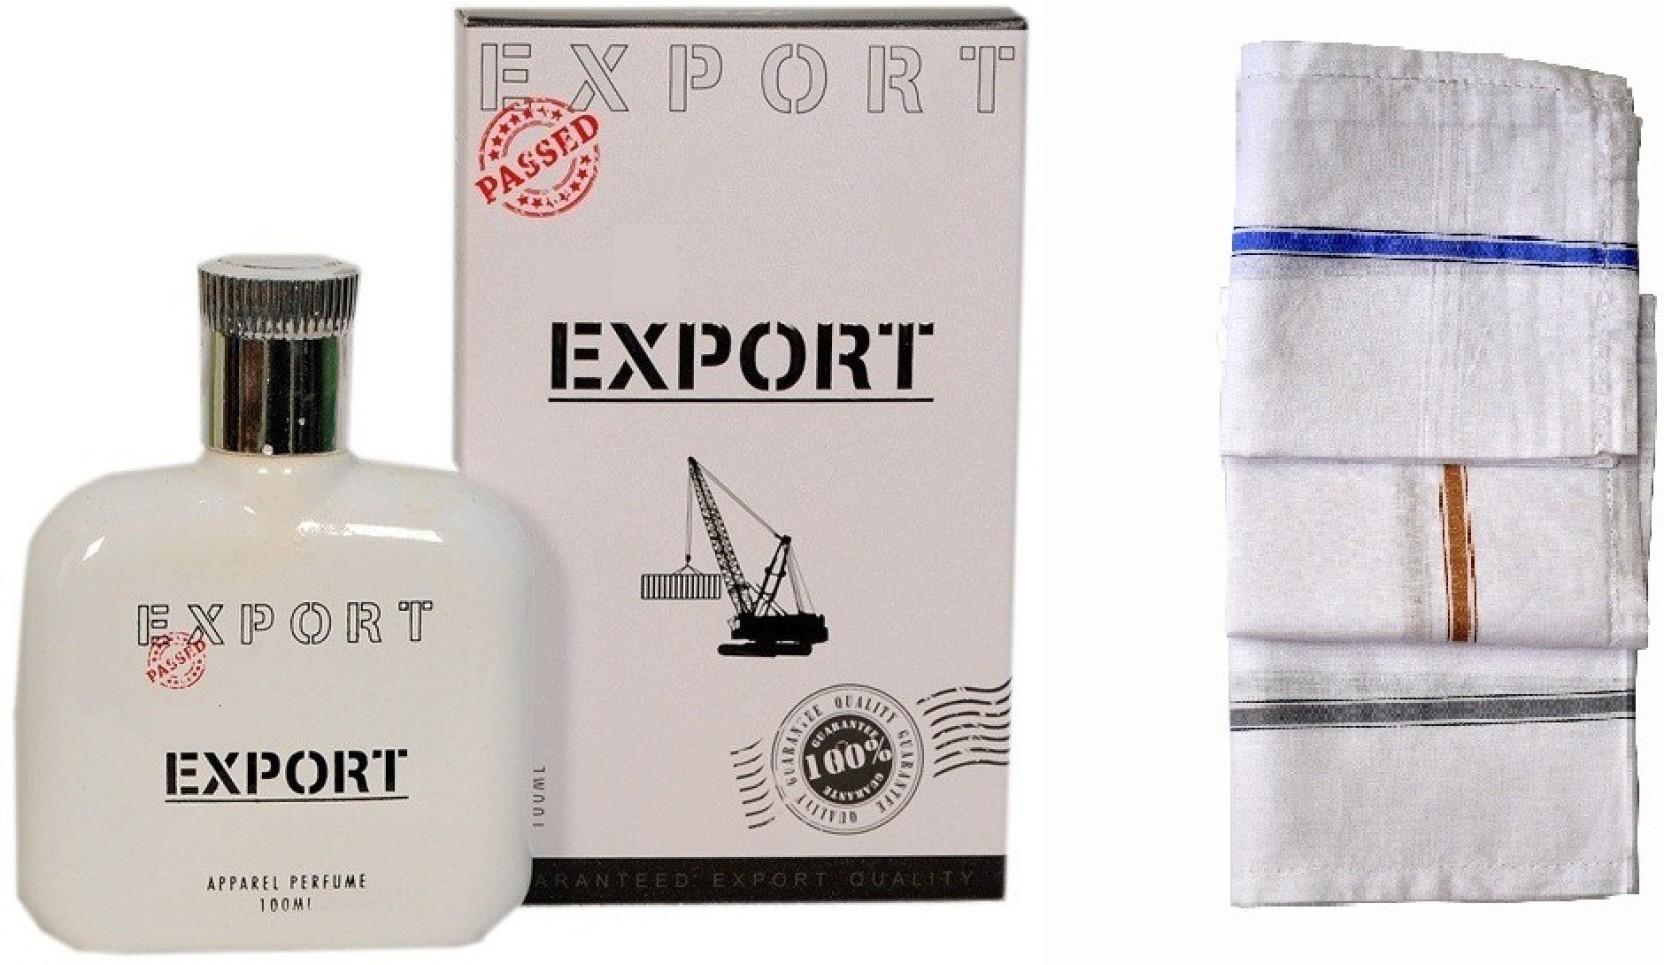 Buy Vablon Export White Perfume 100ml 3 Men Cotton Handkerchiefs Benetton B United Jeans Edt Man Parfum 100 Original Eau De Ml Add To Cart